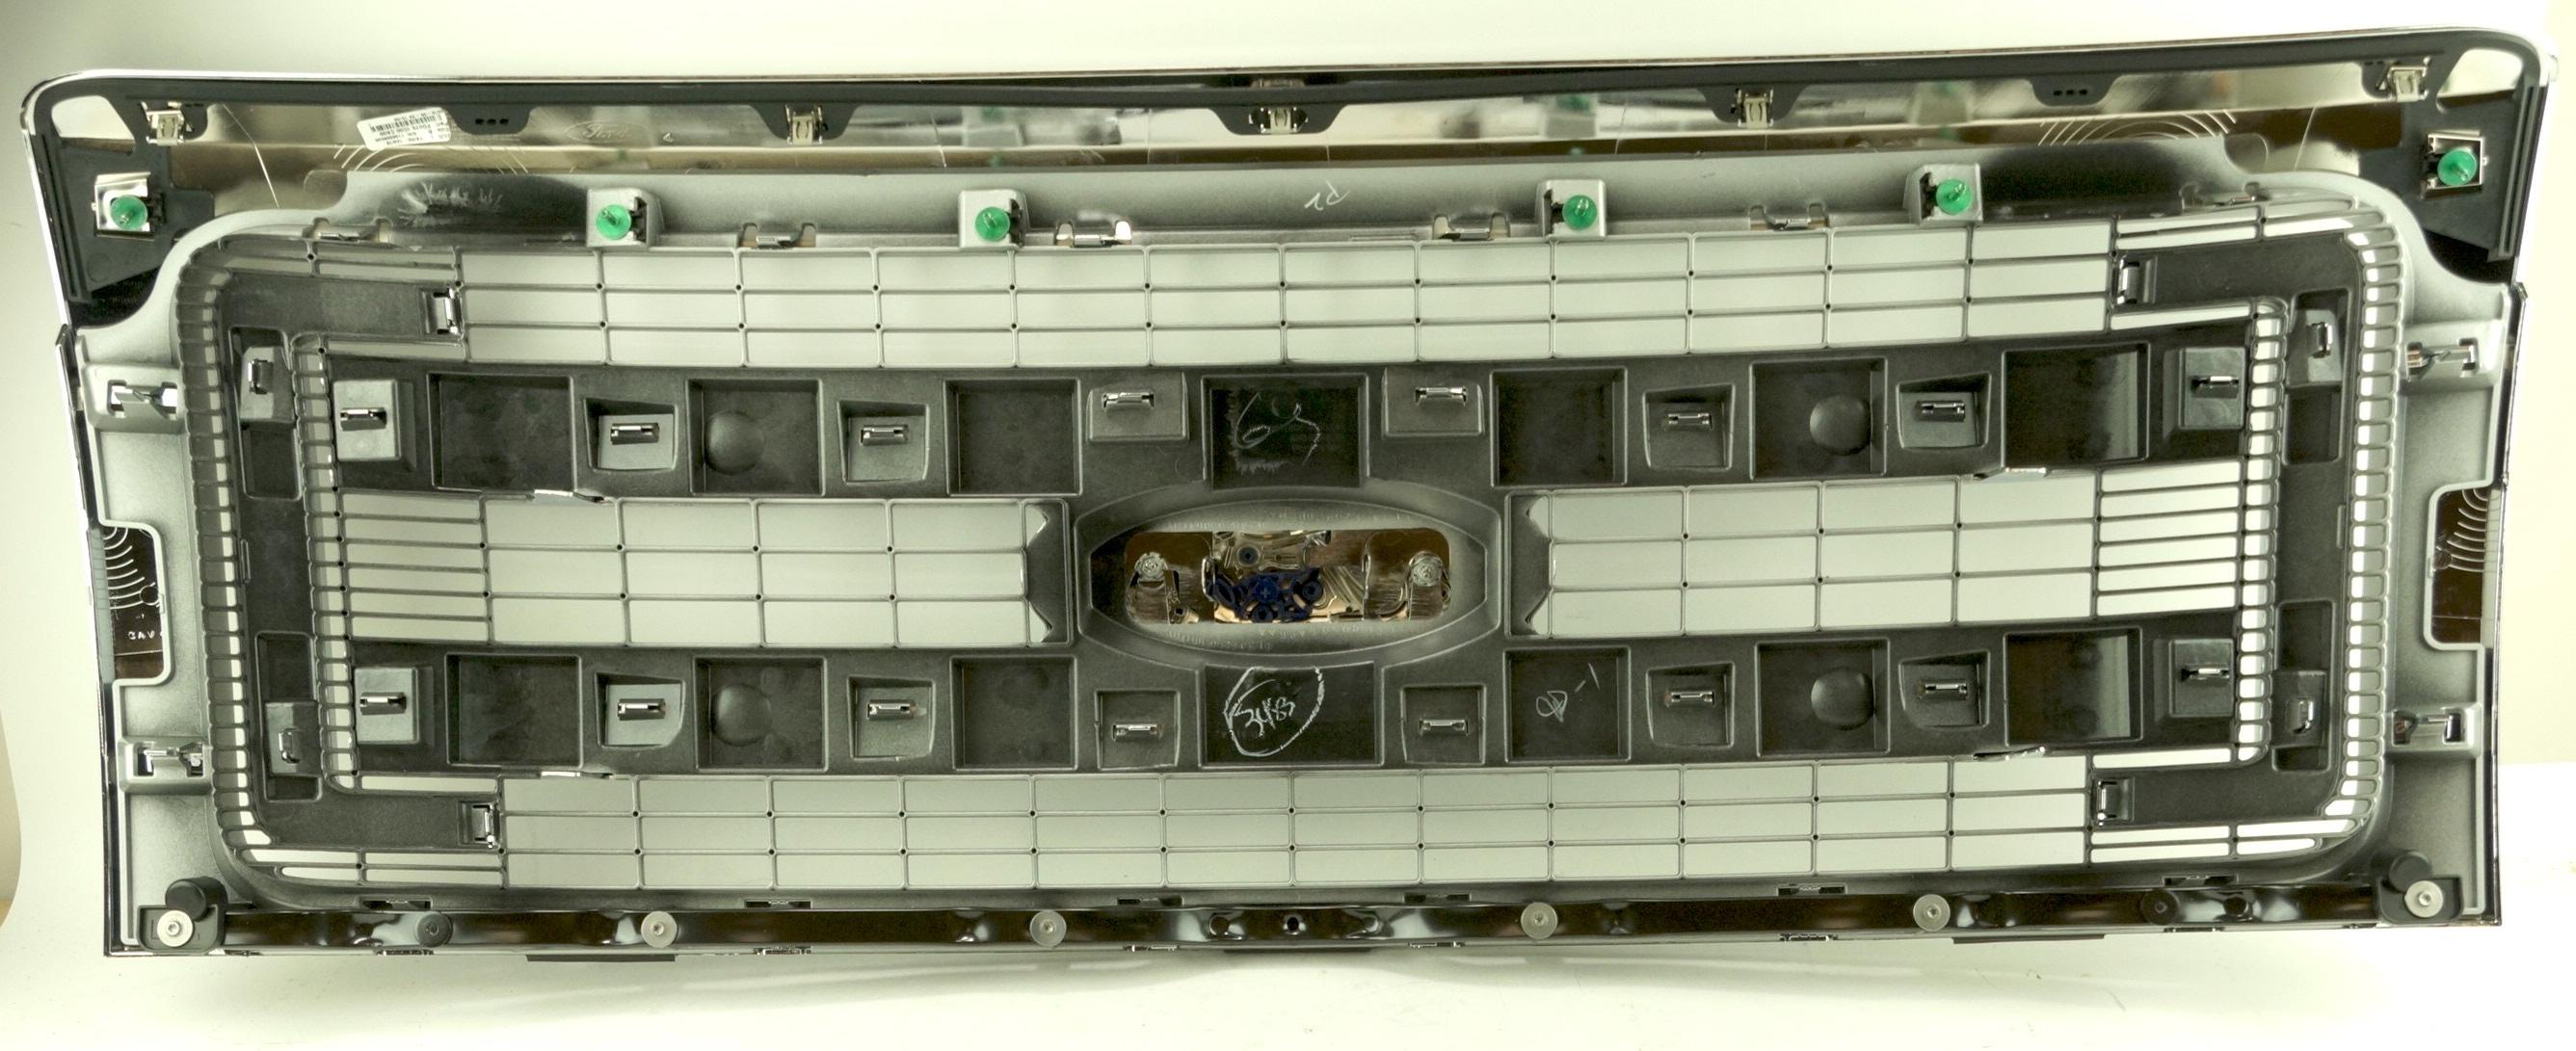 New Genuine OEM DL3Z8200BA Ford Front Grille Assembly w/ Emblem 09-14 F-150 XLT - image 7